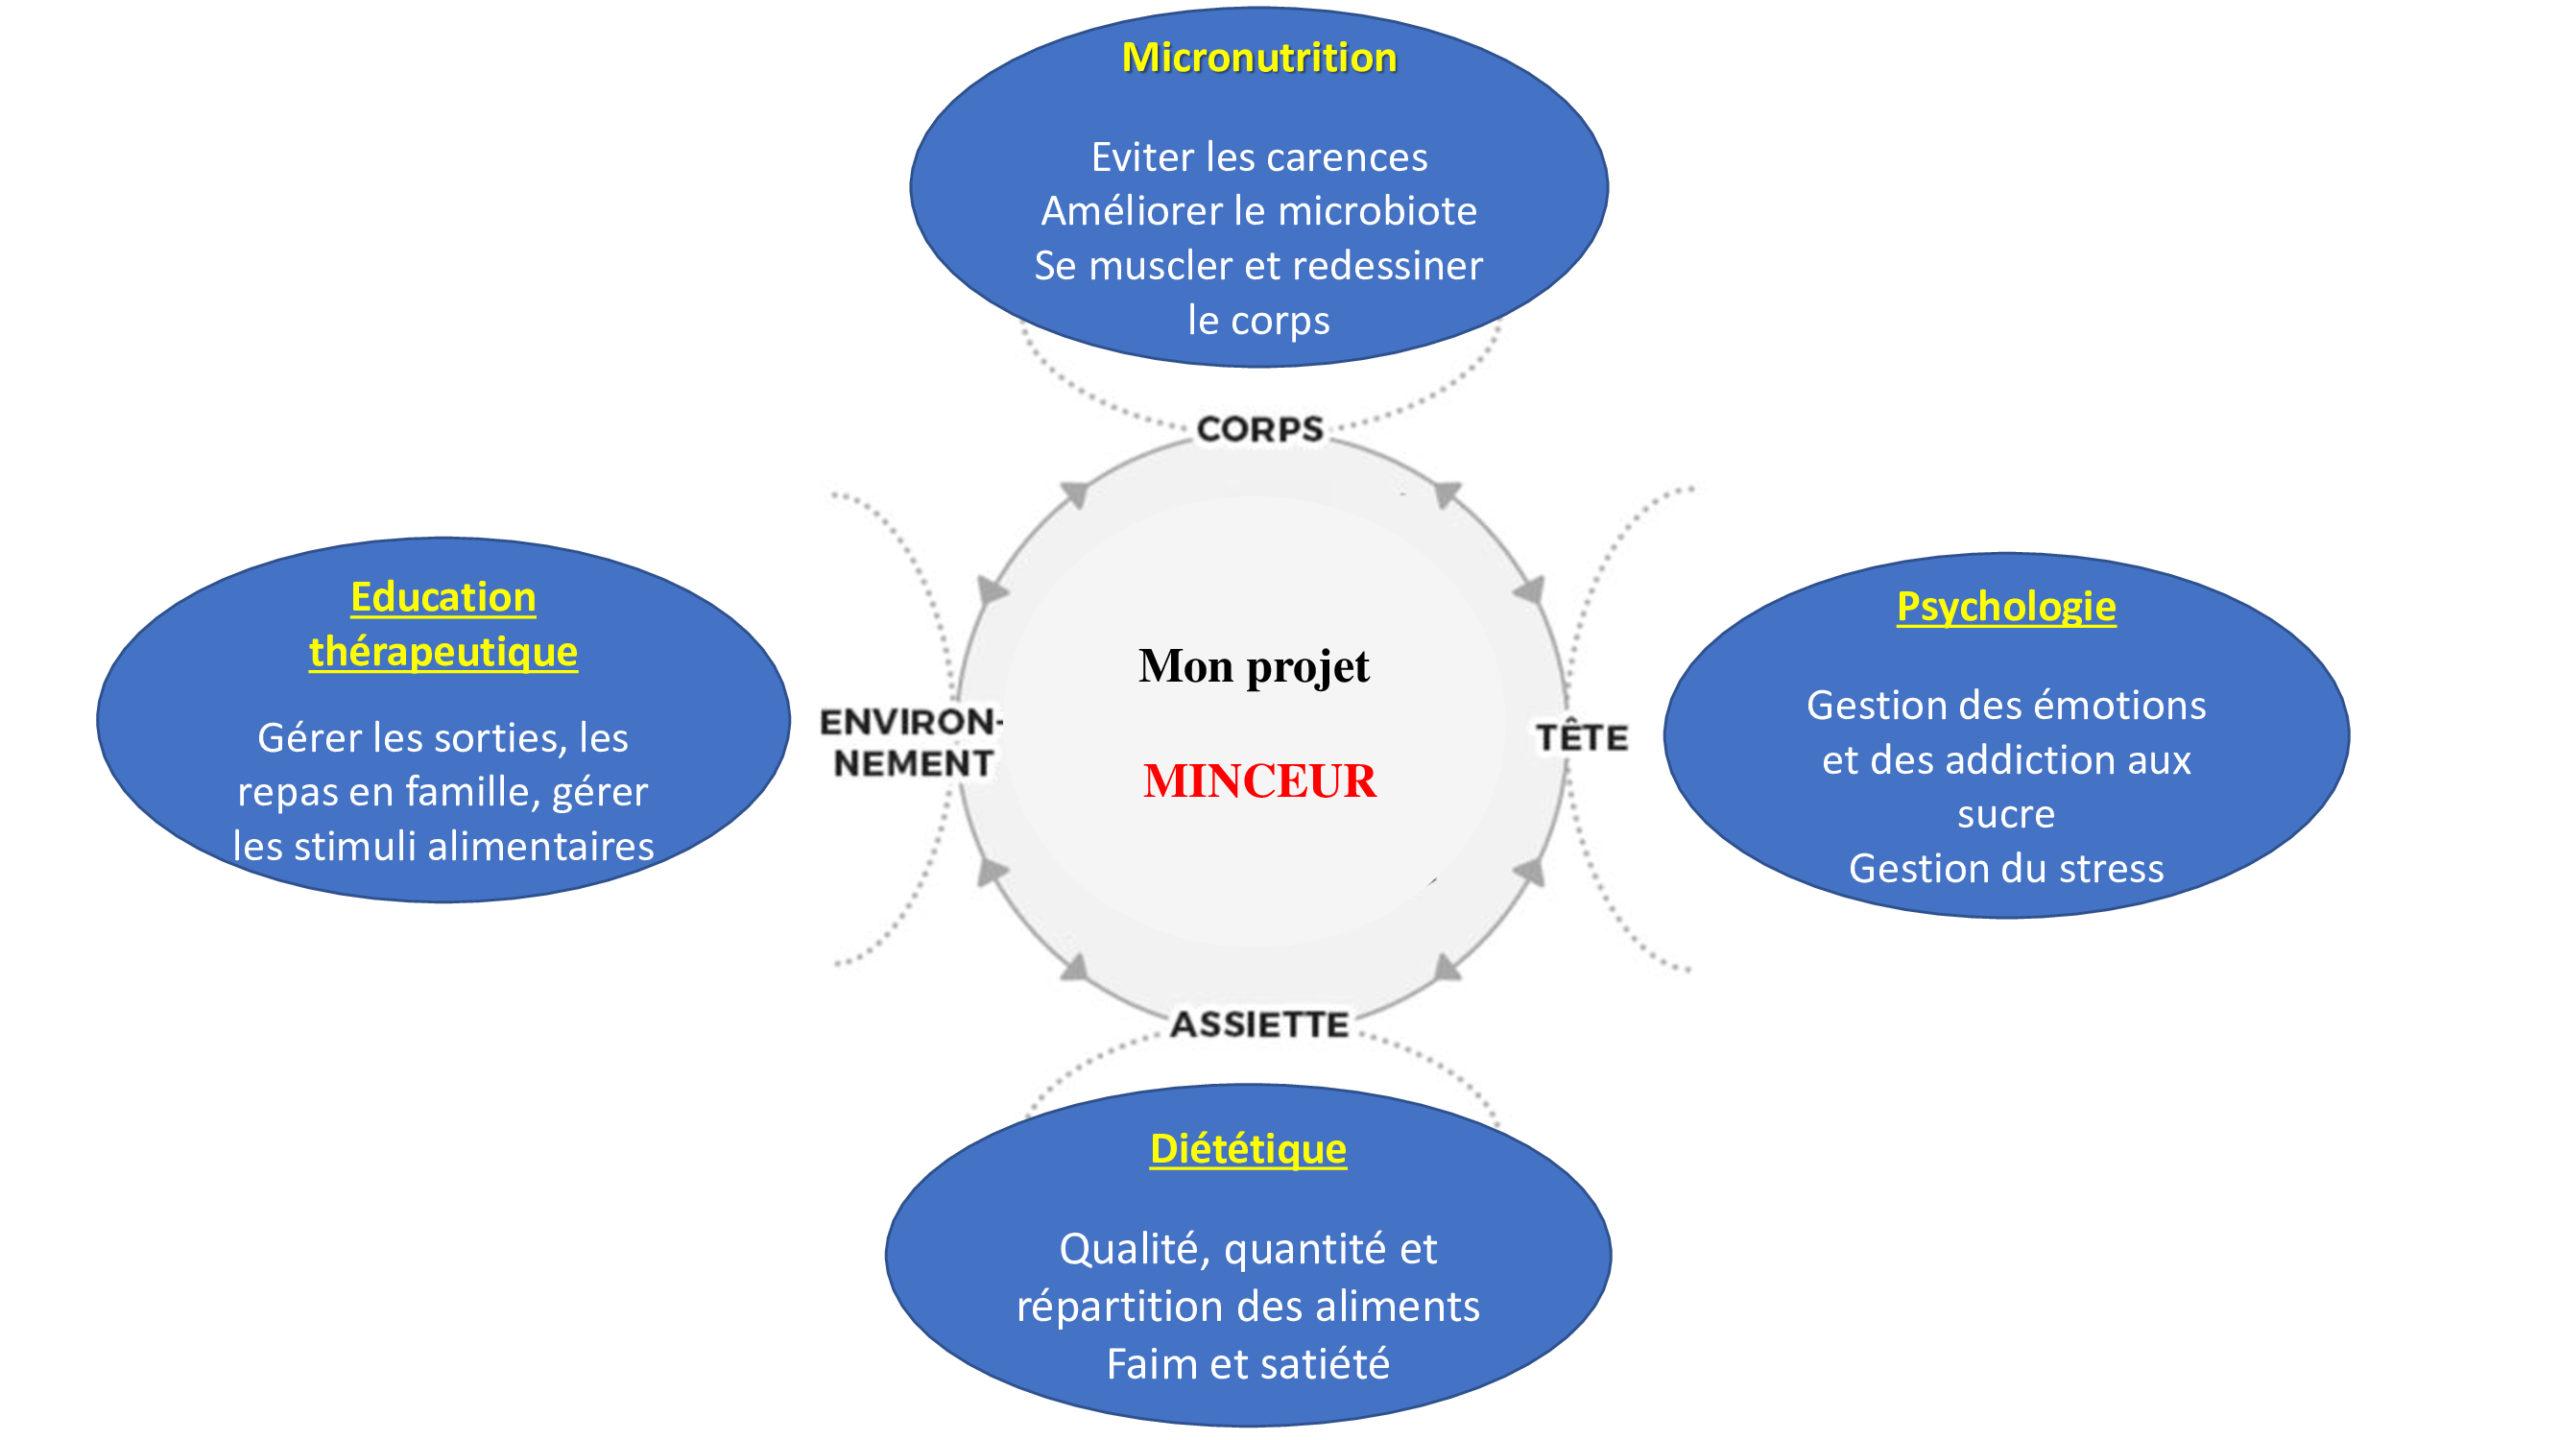 Mon projet minceur - La micronutrition, la psychologie, la diététique et l'éducation thérapeutique